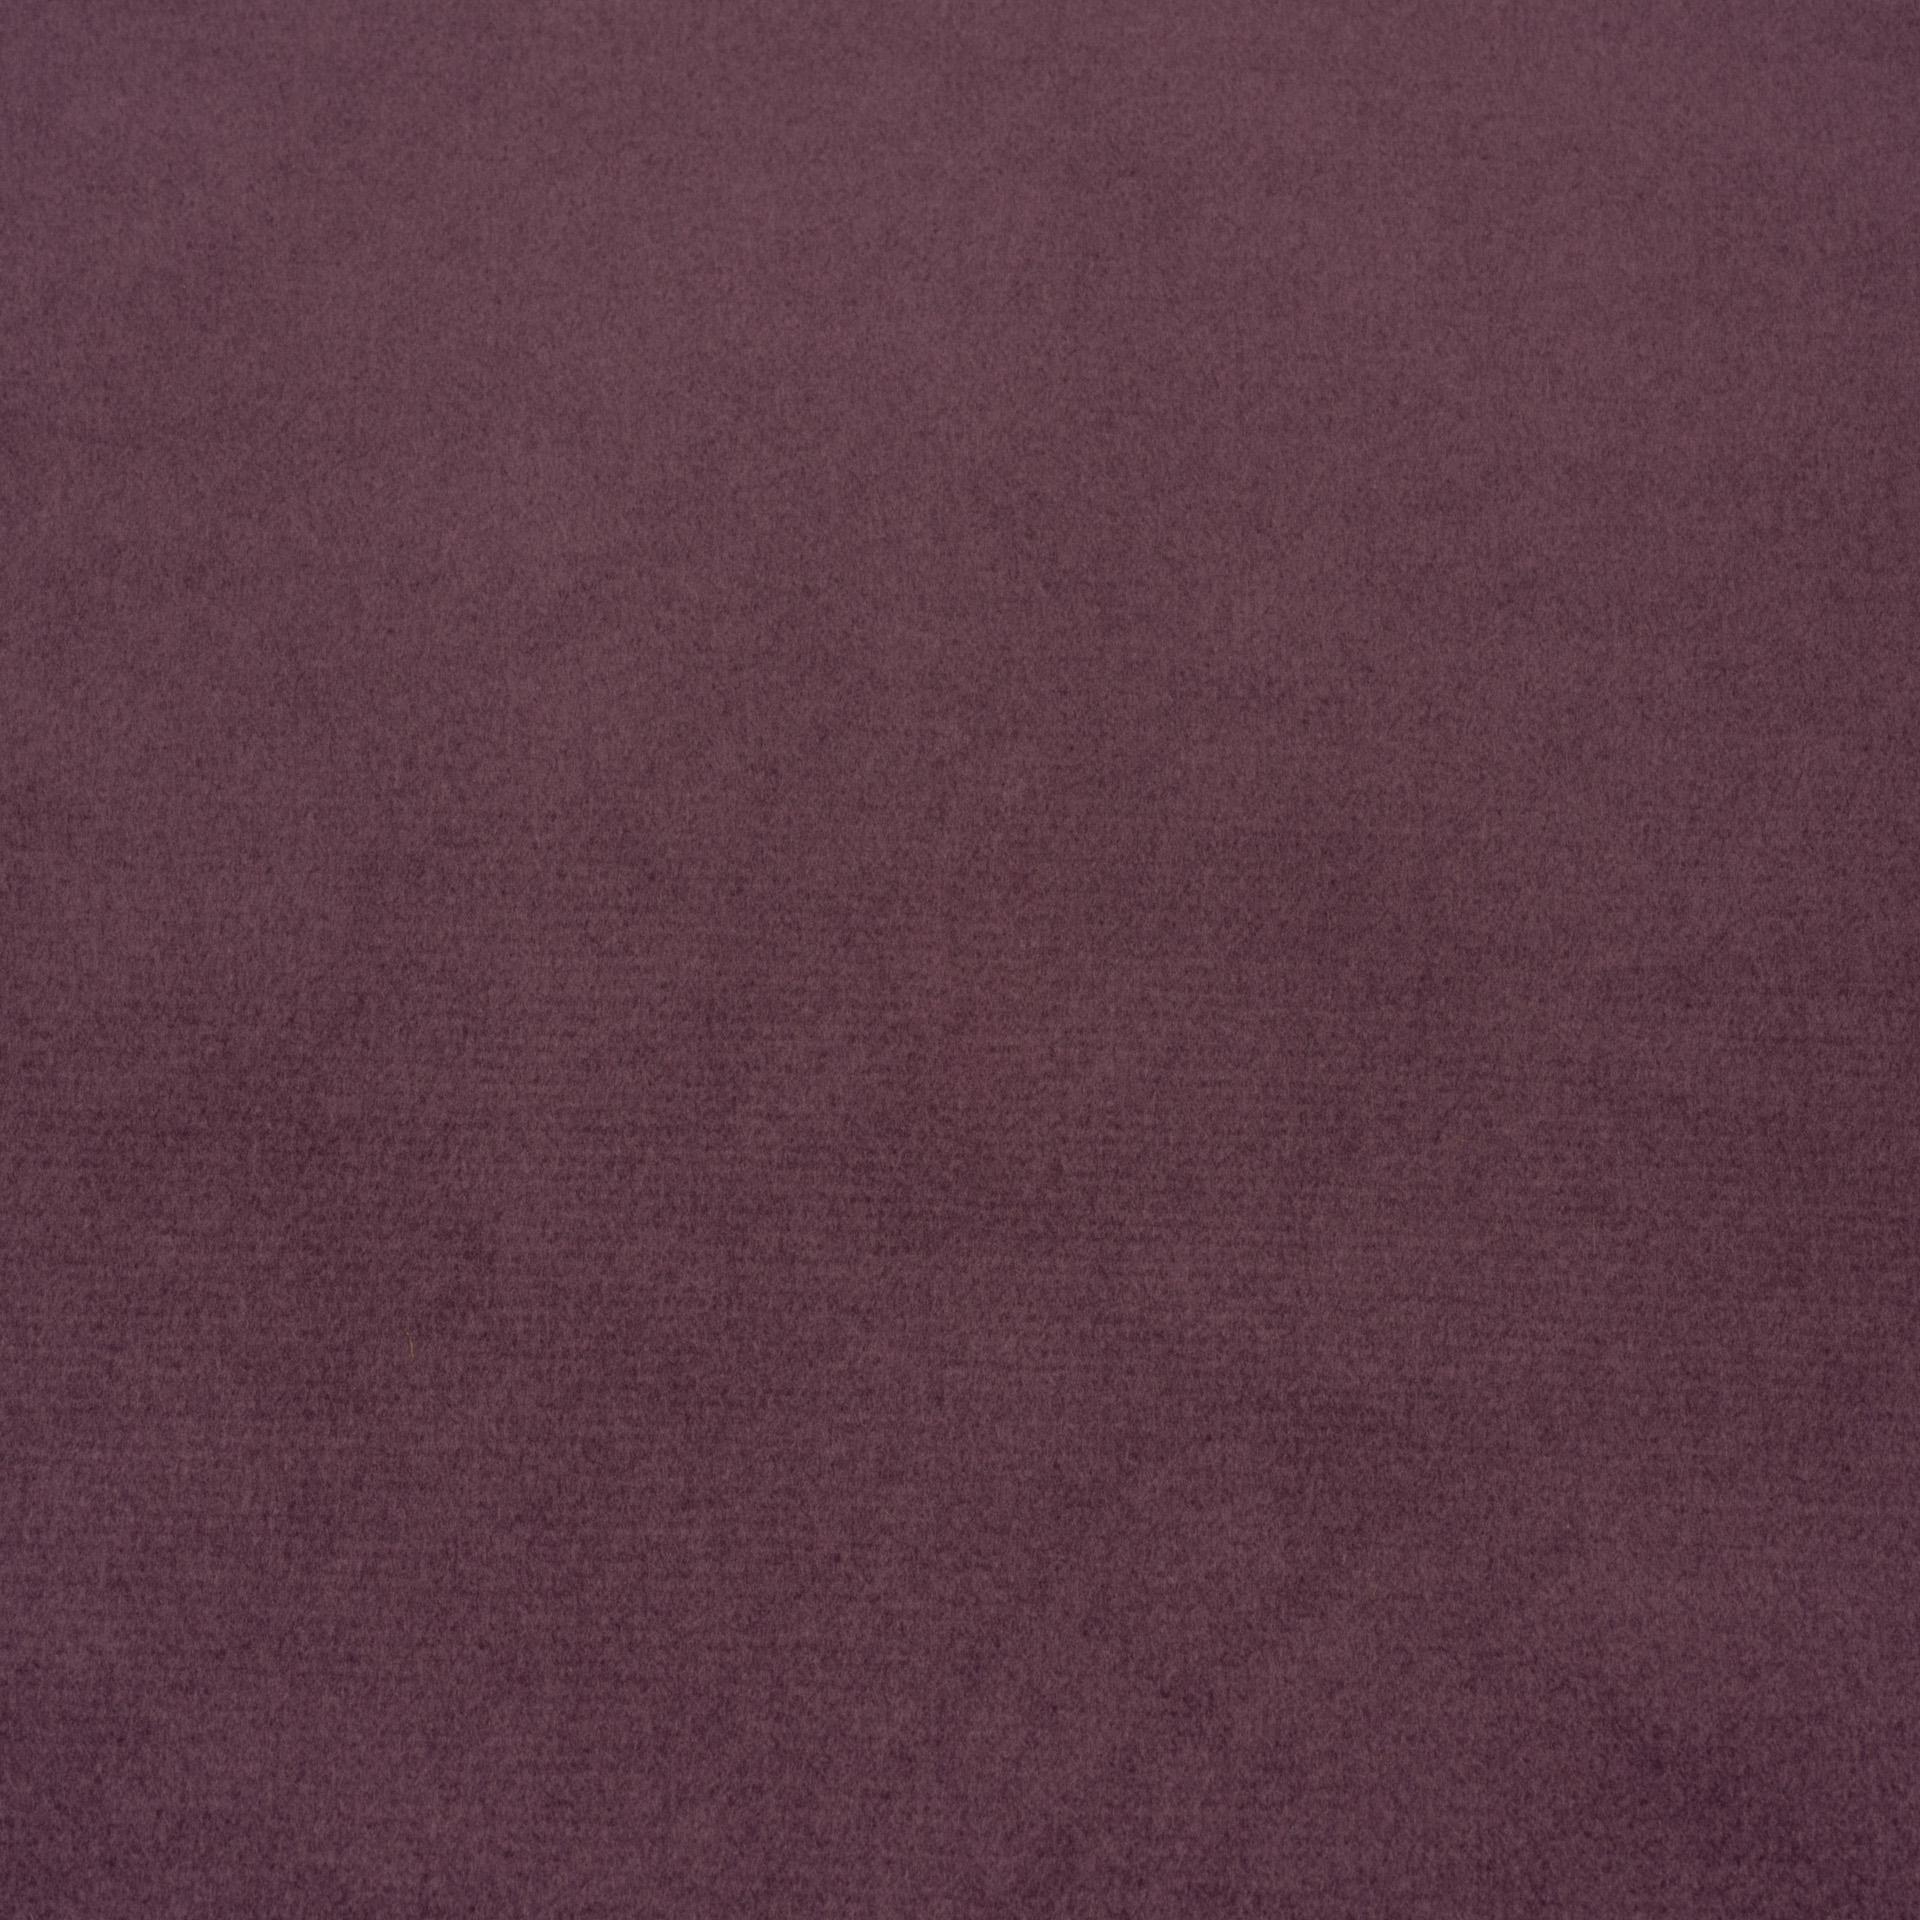 Коллекция ткани Багира 11 PARADE PURPLE,  купить ткань Велюр для мебели Украина